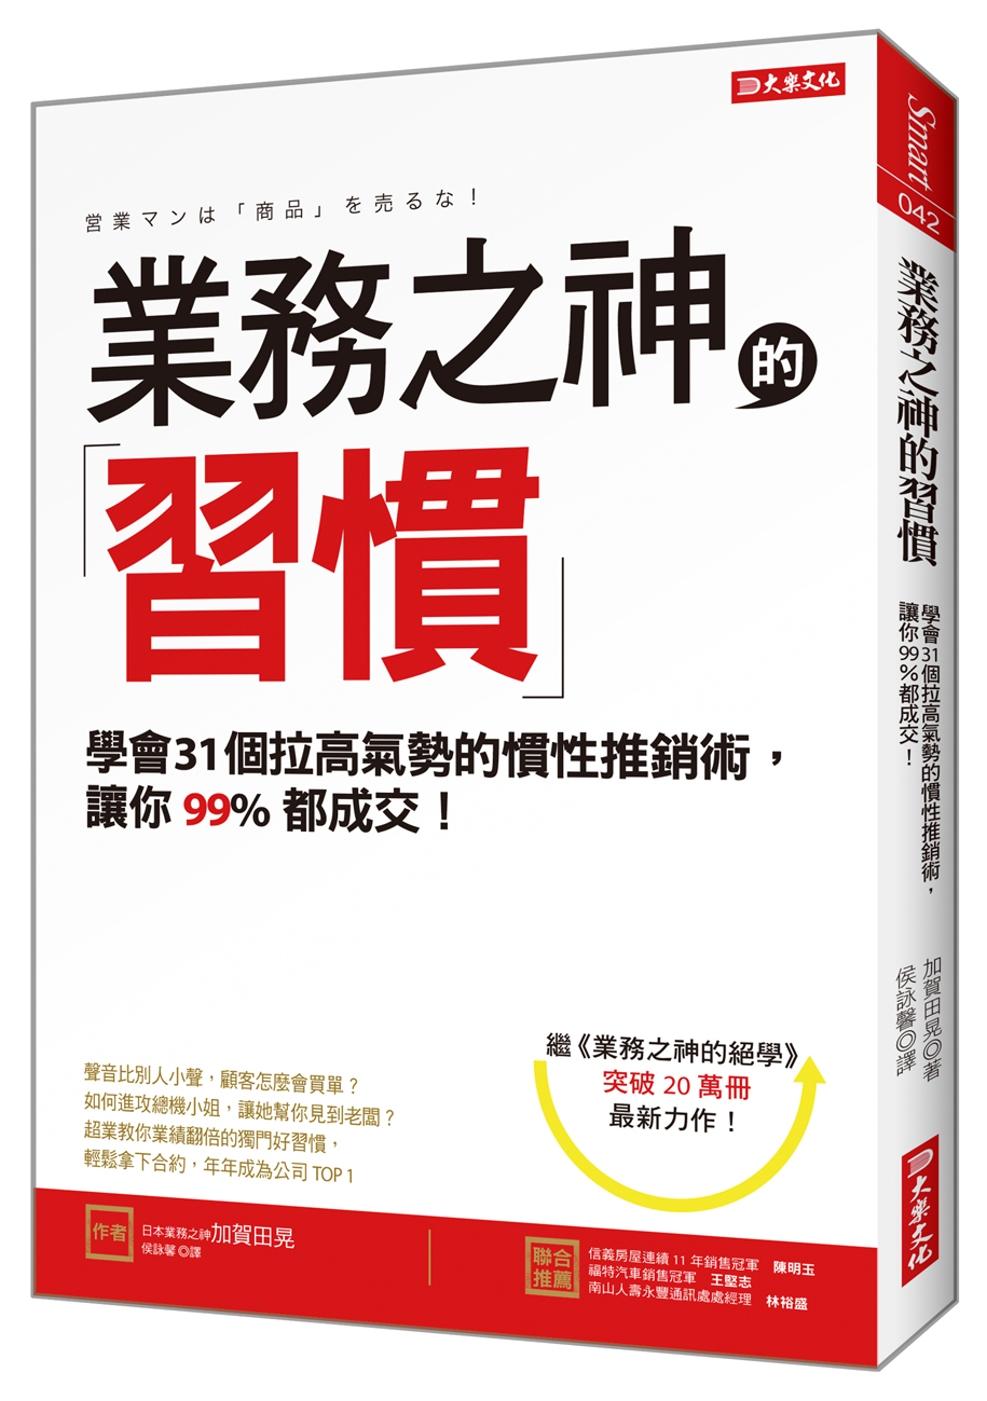 業務之神的習慣:學會31個拉高氣勢的慣性推銷術, 讓你99%都成交!(全新修訂版)